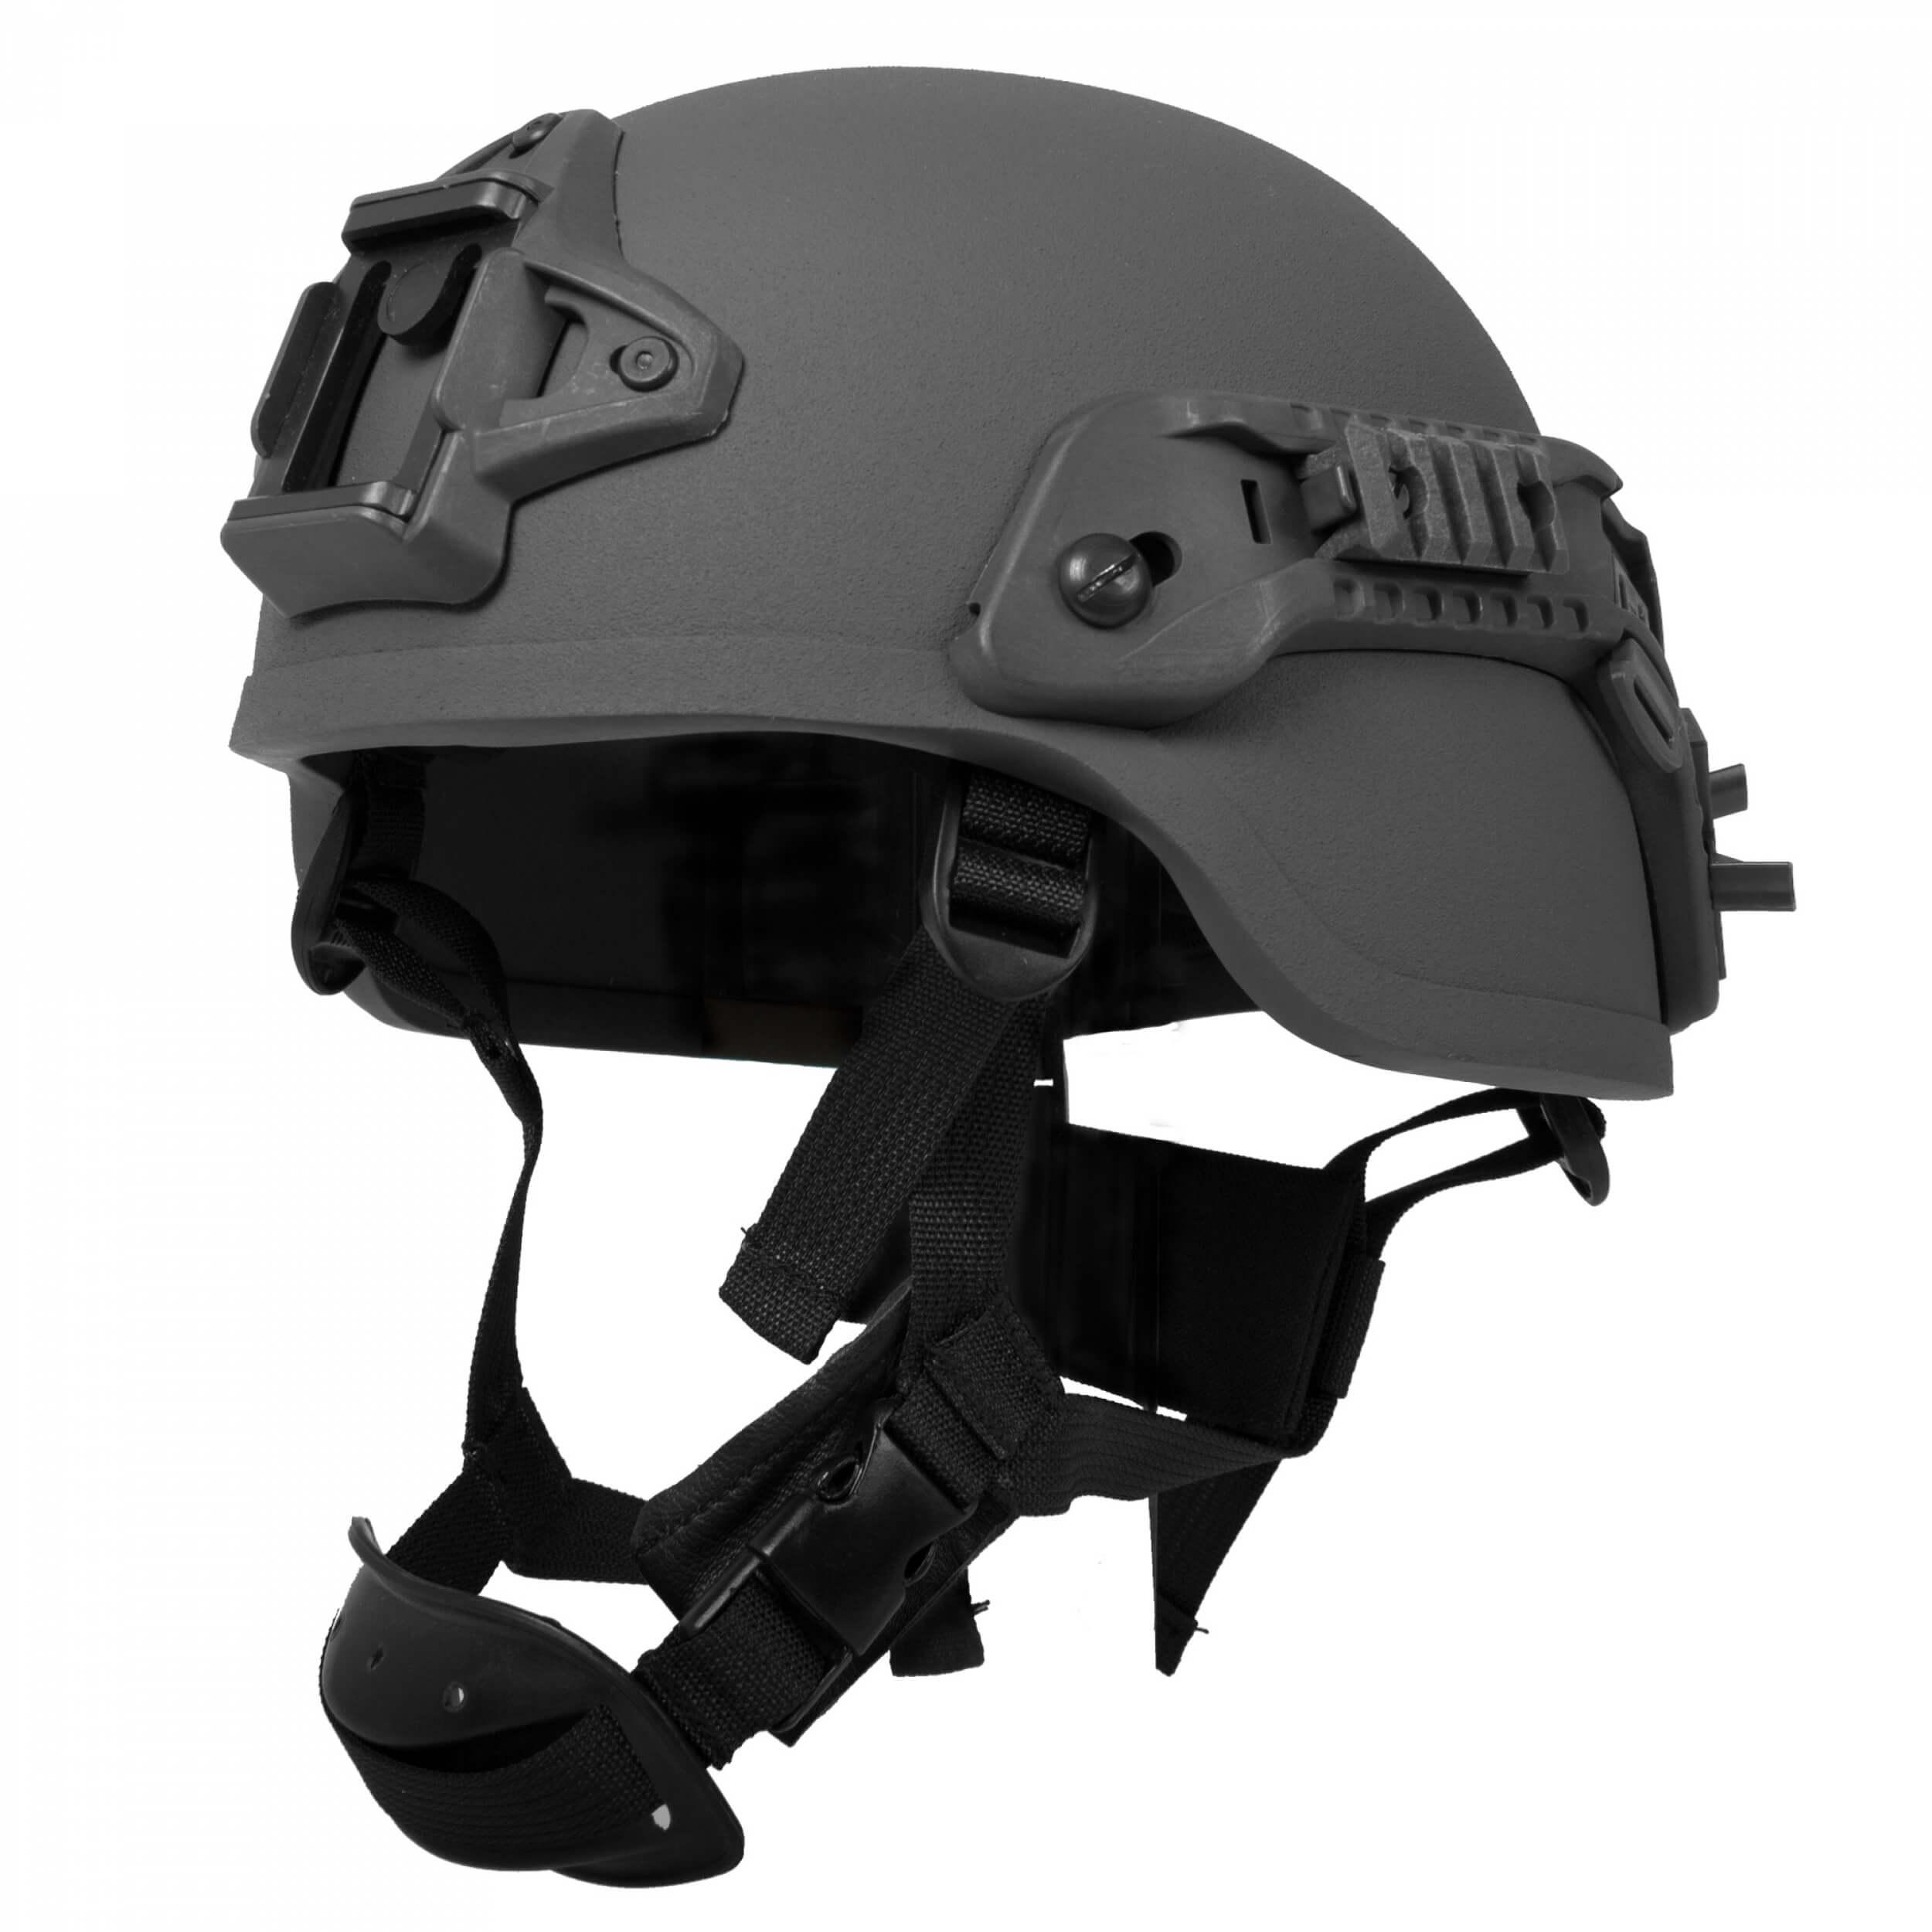 HCS Viper 1 Helm mit Rails NVG Mount und Pad schwarz